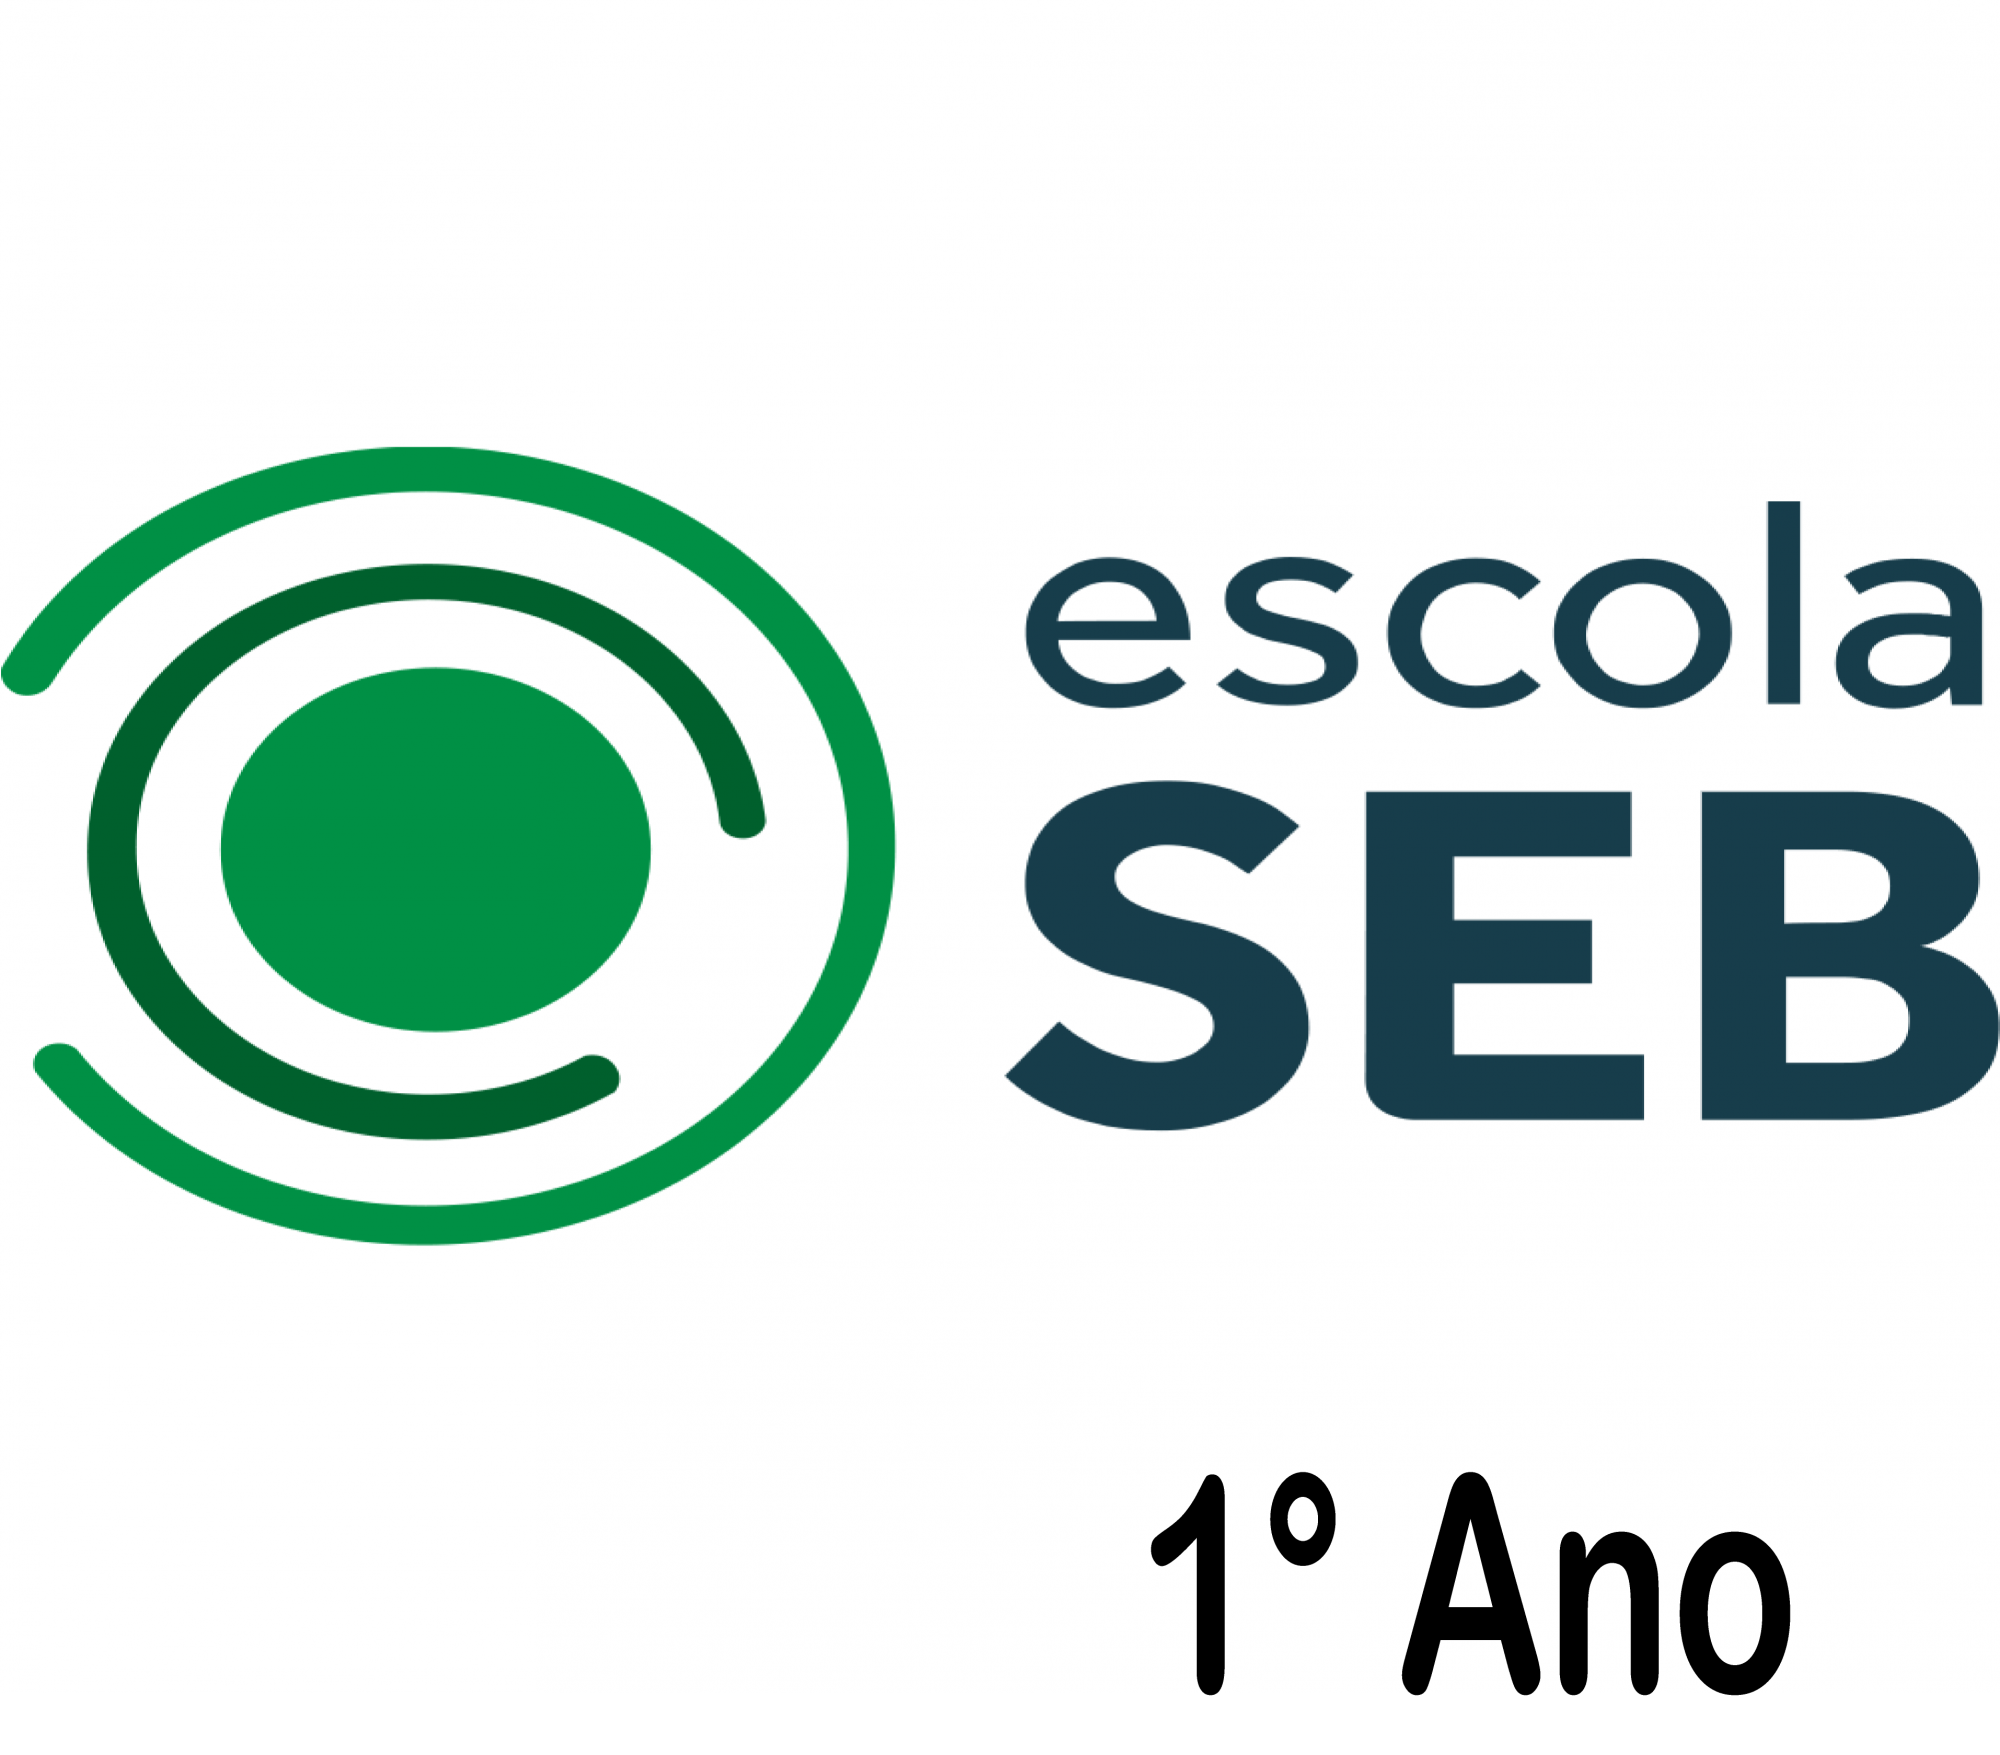 Seb Coc - 1° Ano sem uso pessoal - 2021